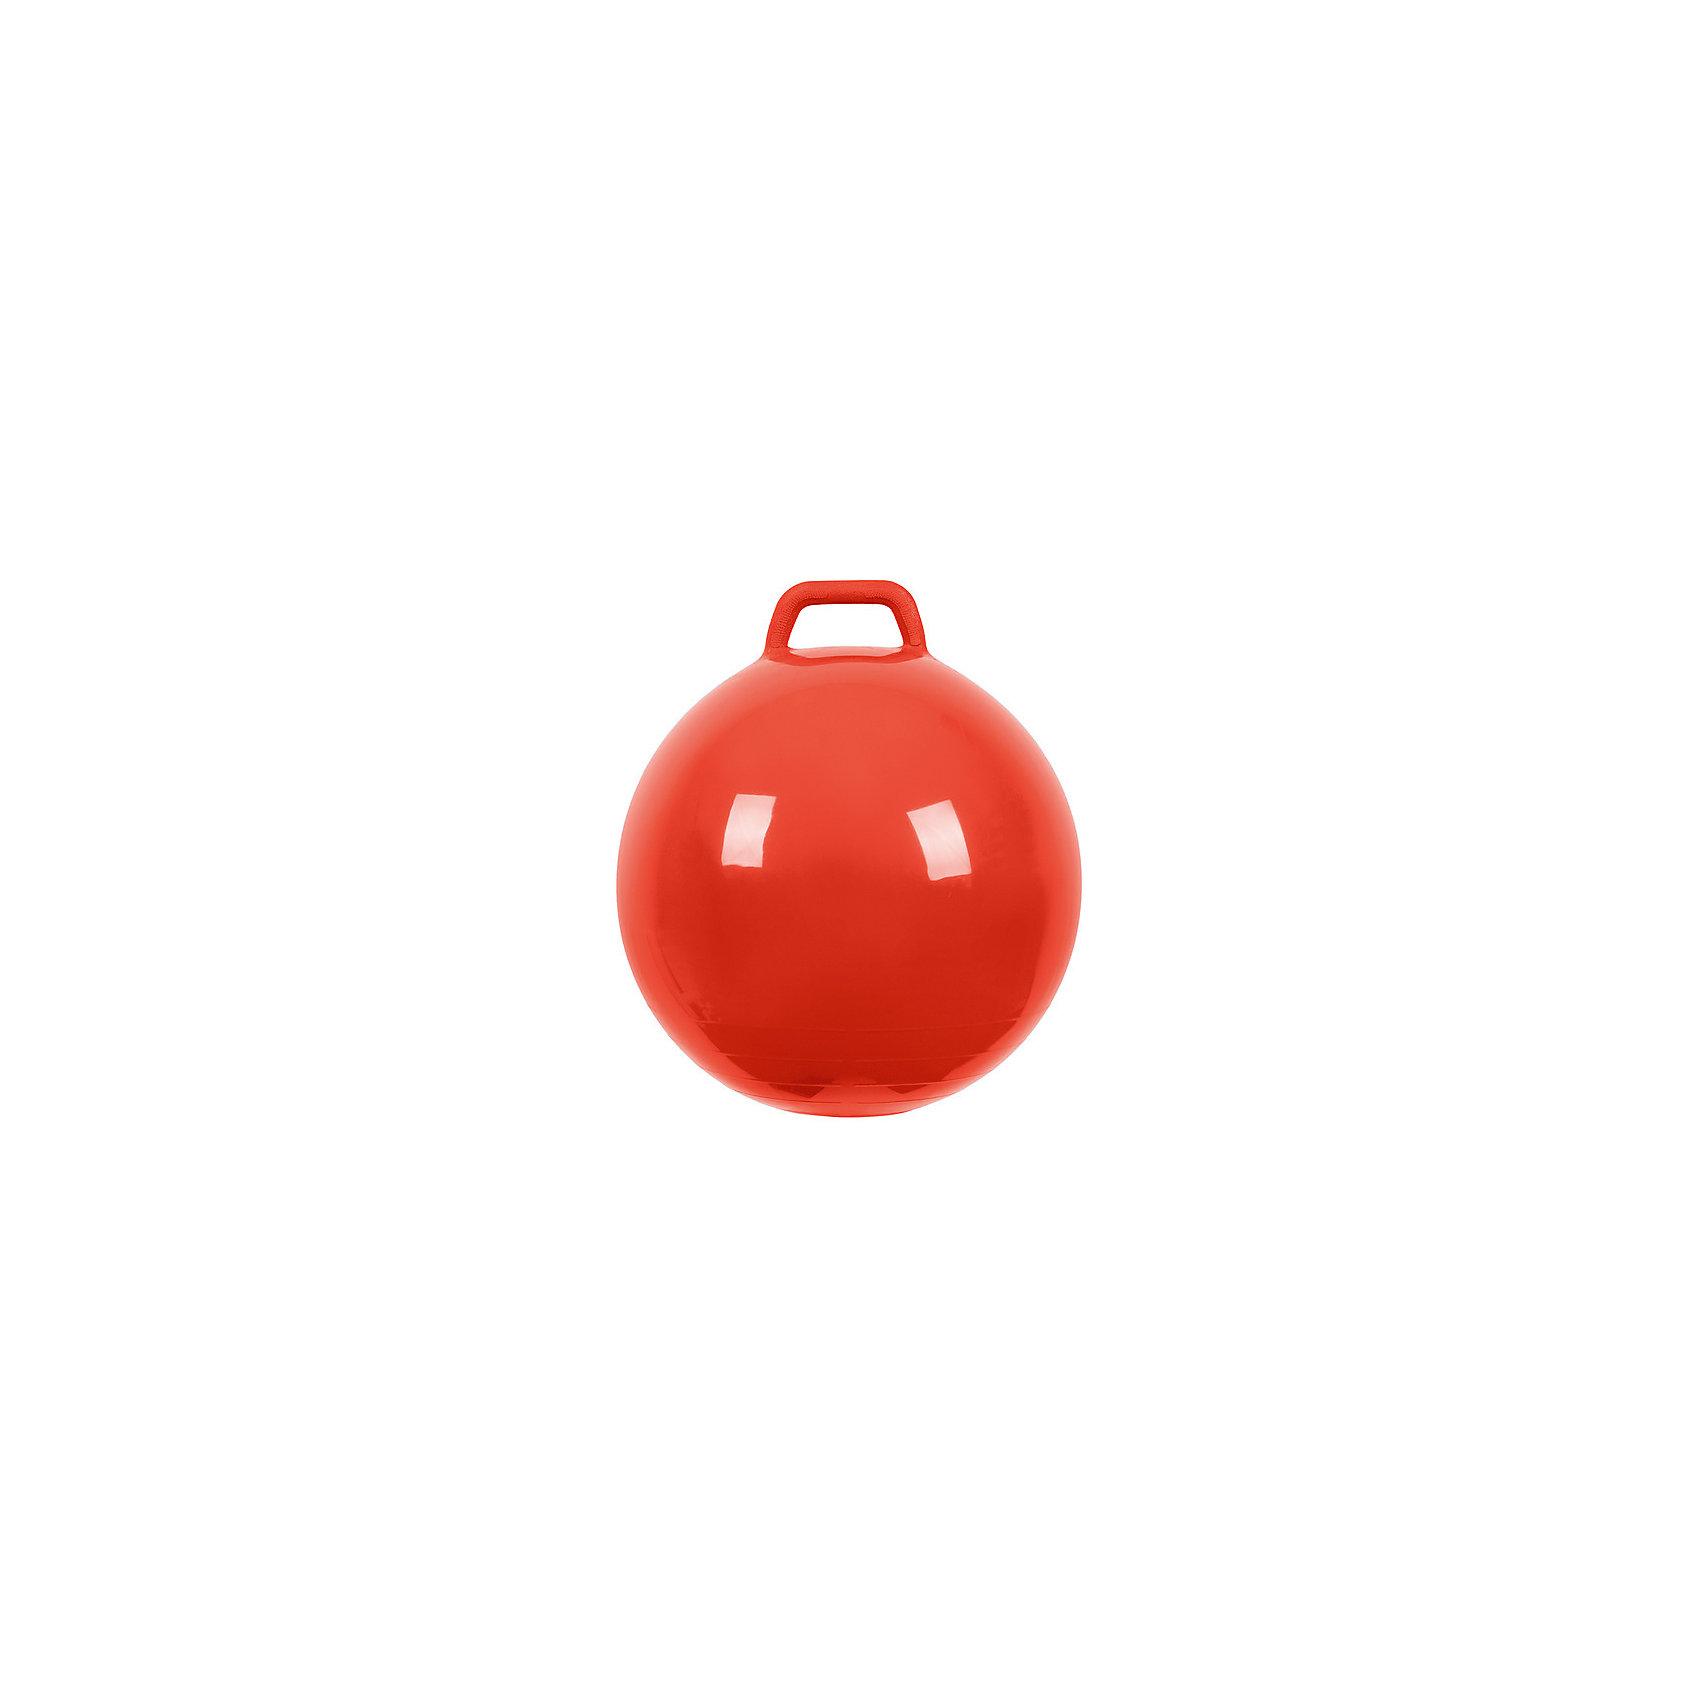 Мяч Прыгун с ручкой, 50 см, красный, МалышОКПрыгуны и джамперы<br><br><br>Ширина мм: 122<br>Глубина мм: 153<br>Высота мм: 254<br>Вес г: 700<br>Возраст от месяцев: 48<br>Возраст до месяцев: 2147483647<br>Пол: Унисекс<br>Возраст: Детский<br>SKU: 6767721